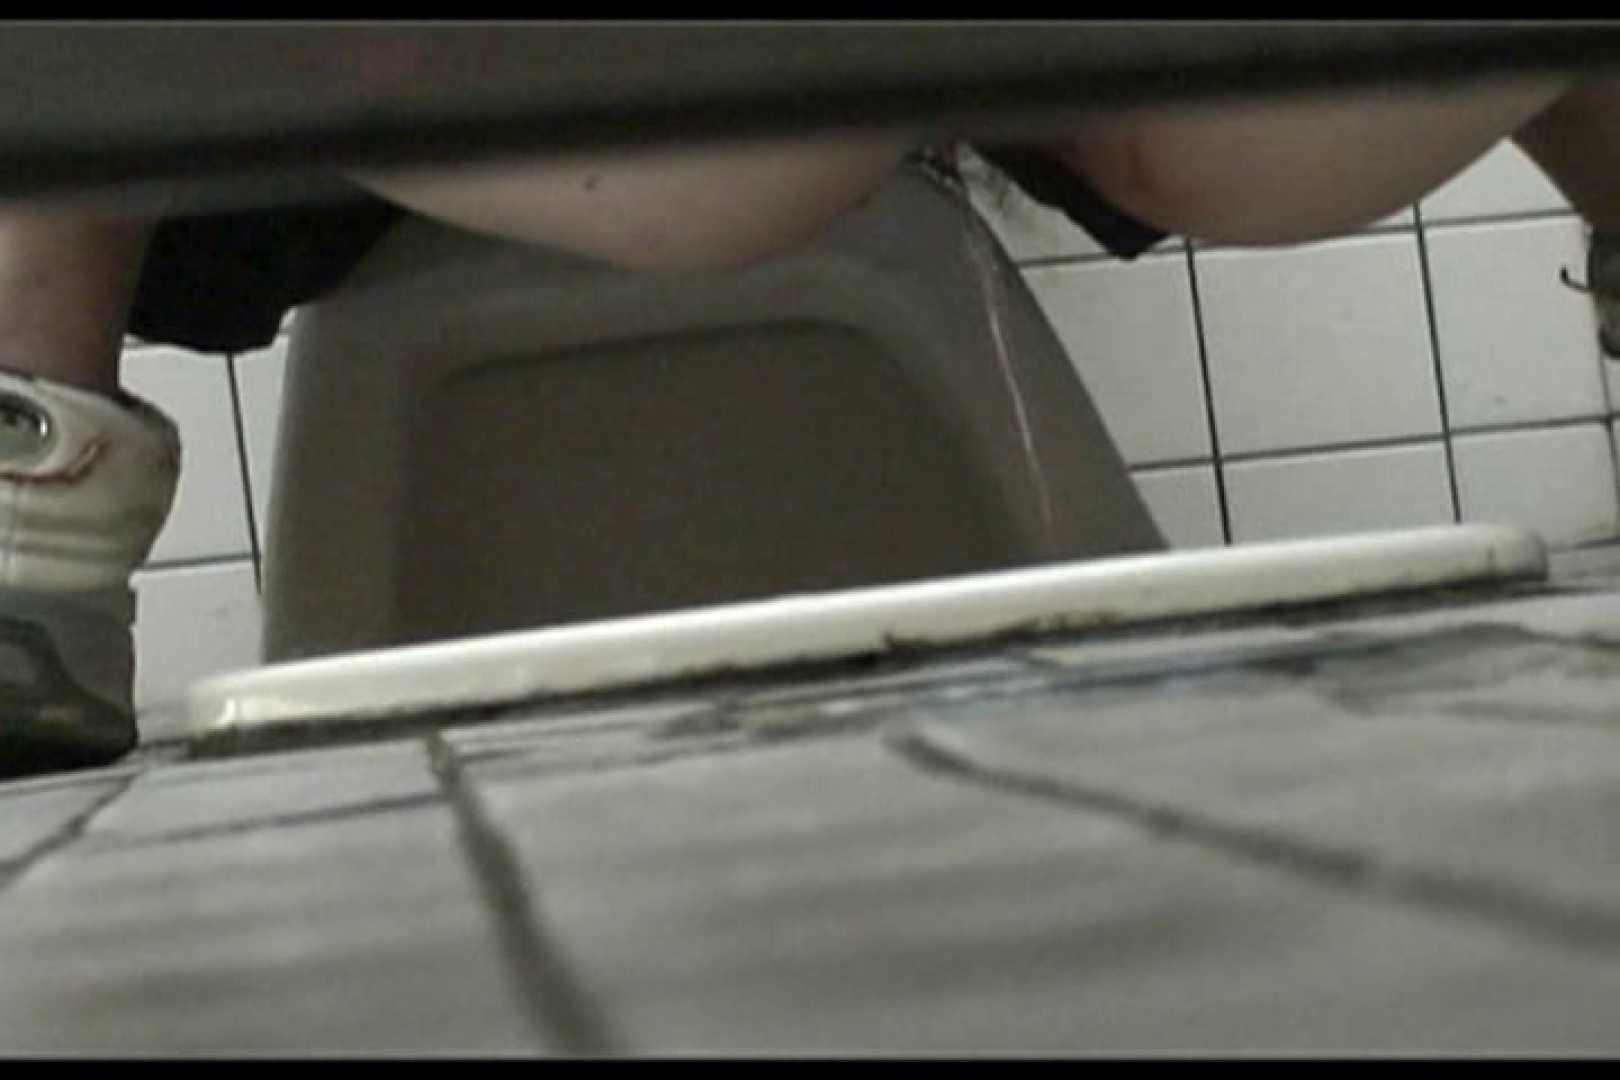 マンコ丸見え女子洗面所Vol.4 マンコ | 丸見え  64画像 19